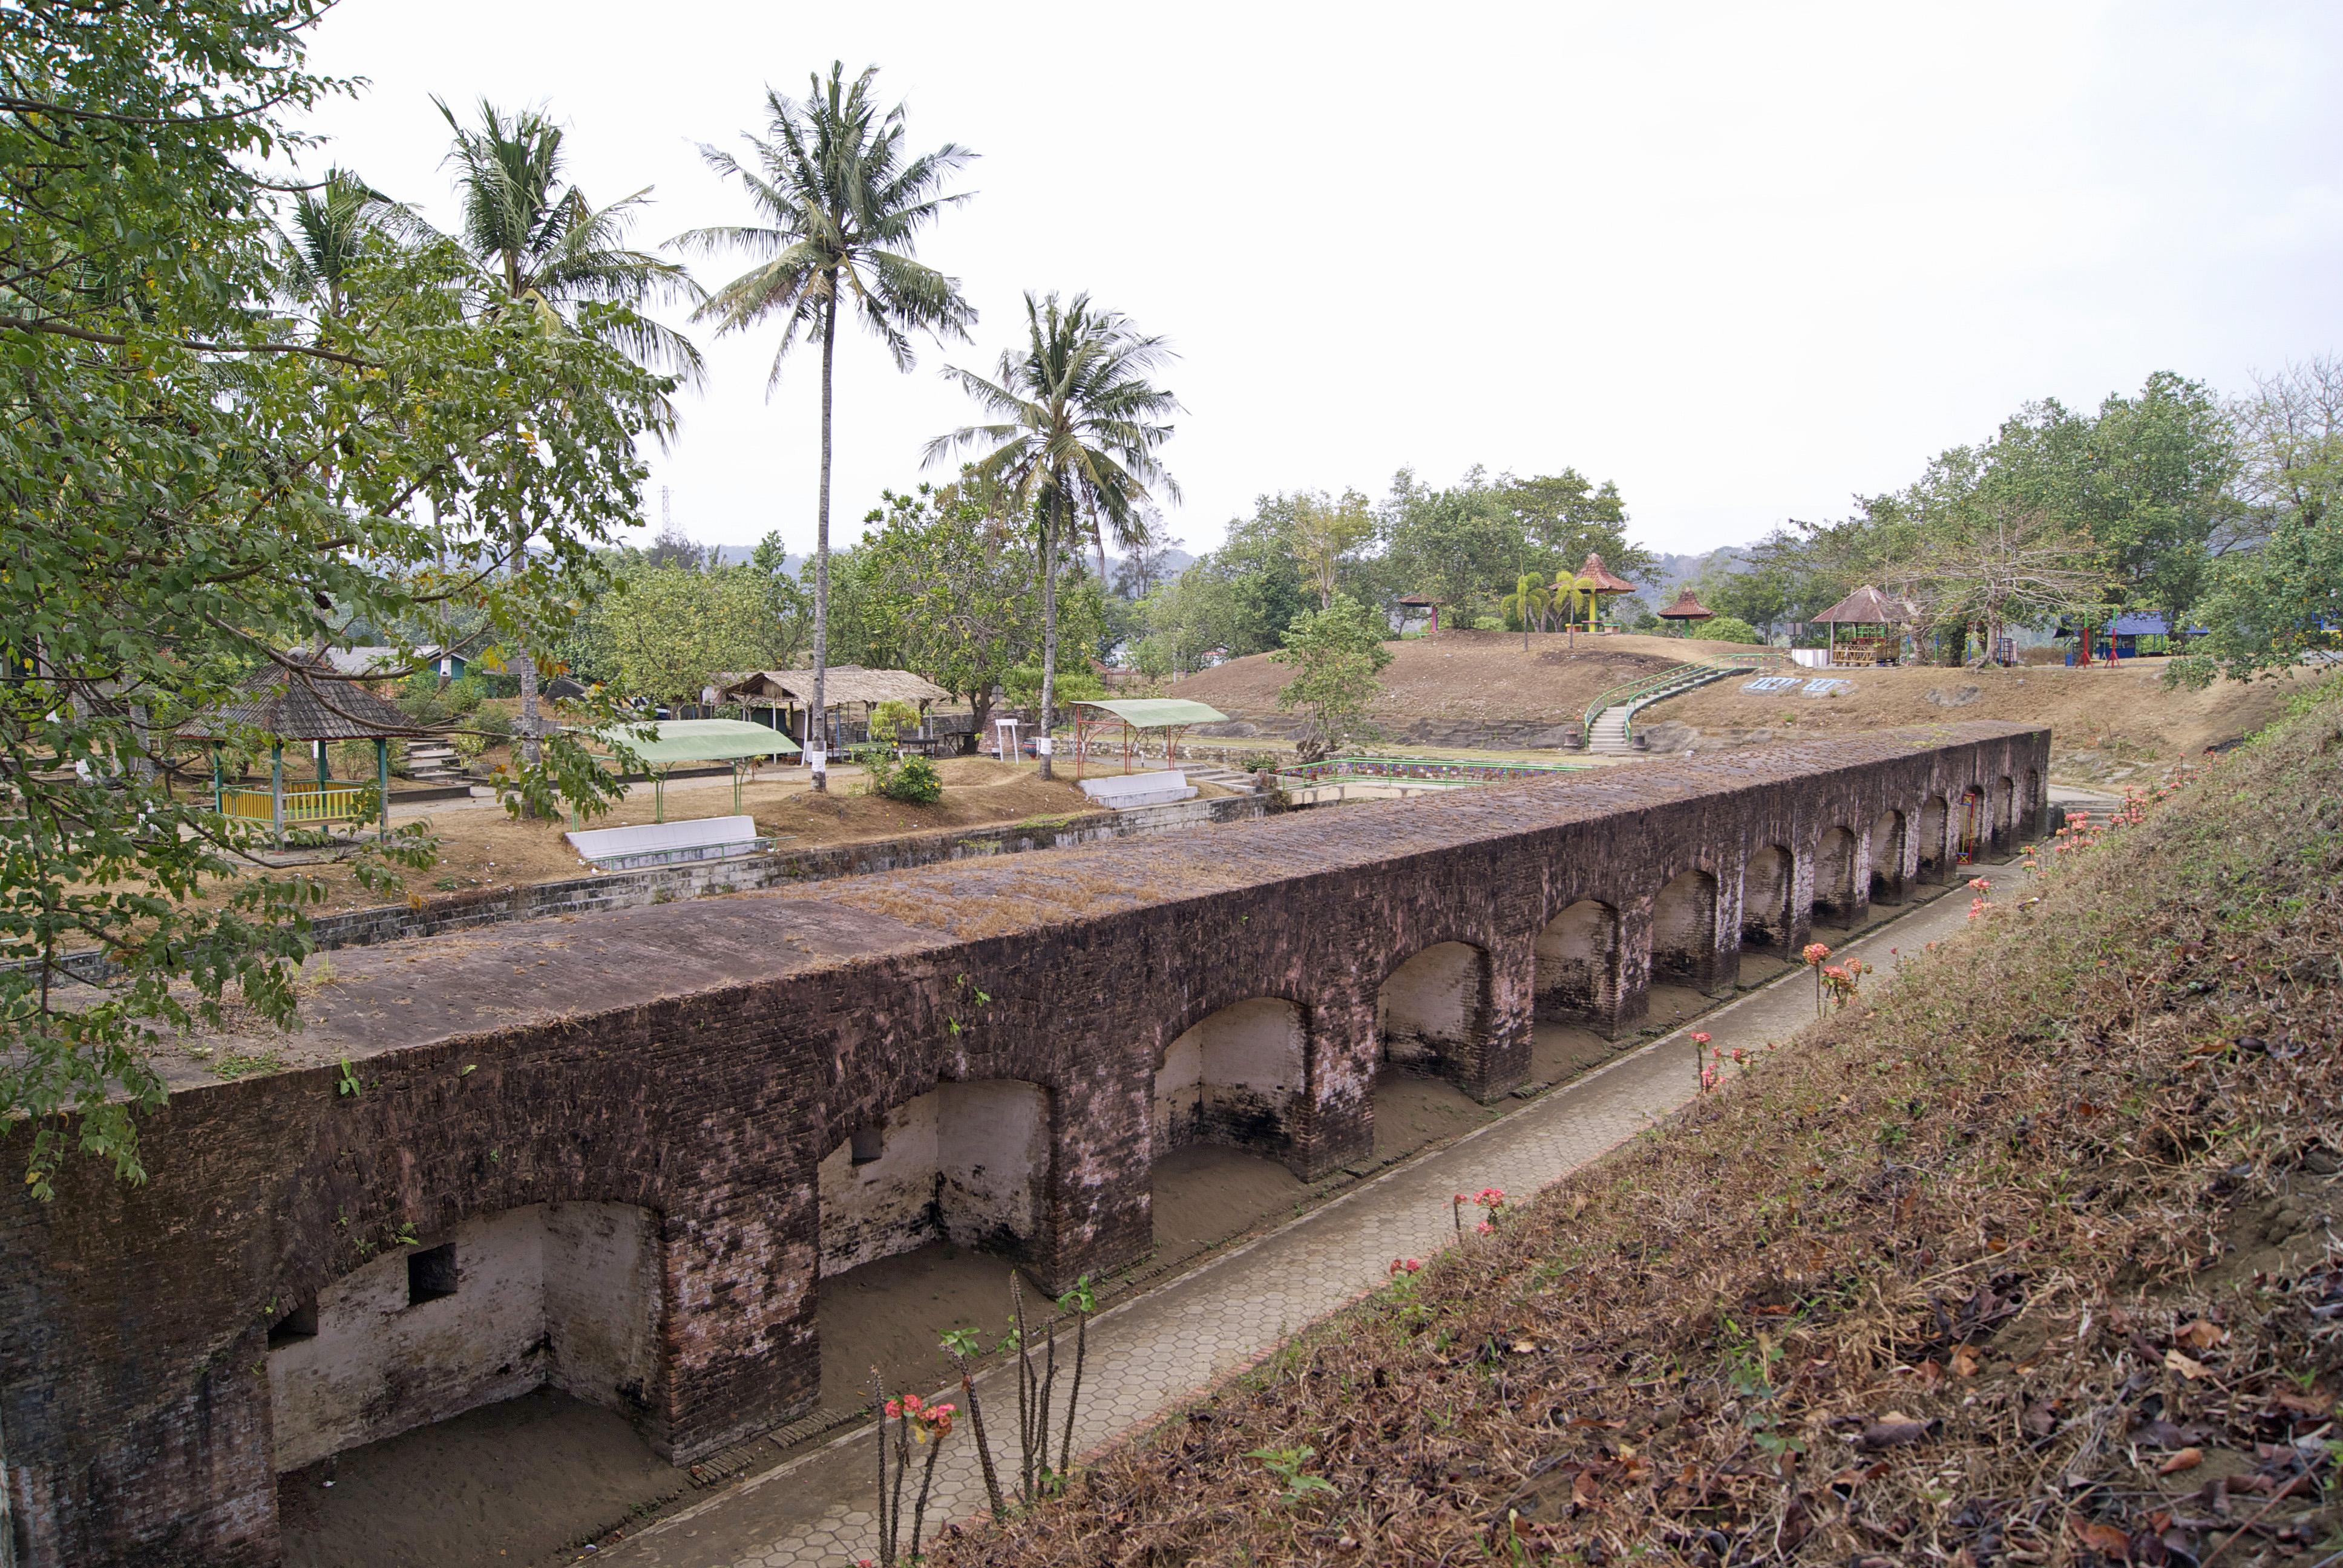 Bukan Belanda 9 Benteng Indonesia Traveling Yuk Pendem Cilacap Image